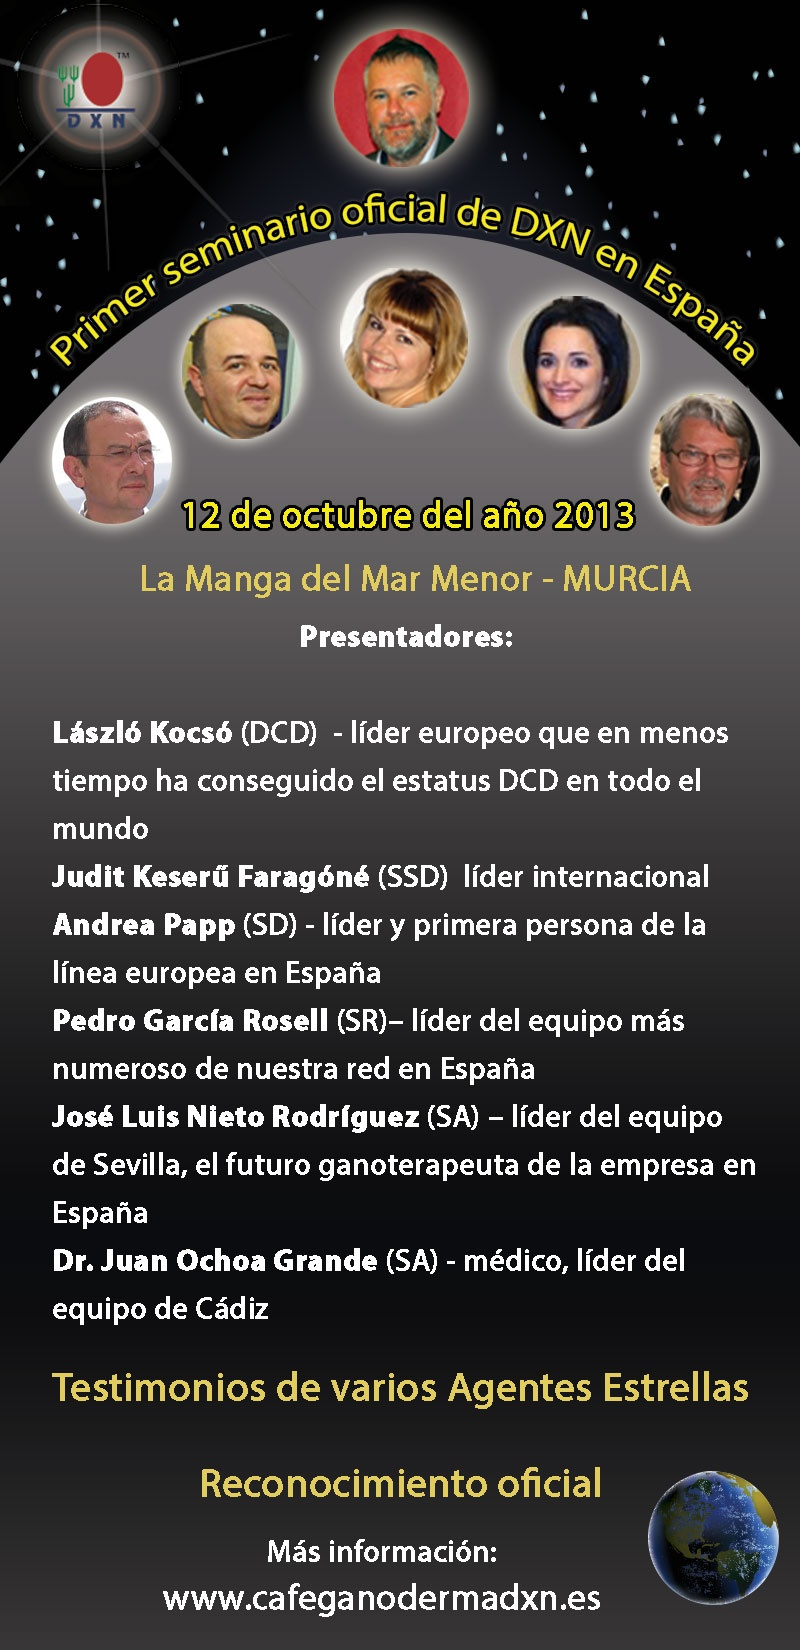 dxn-espana-primer-seminario-oficial_1650